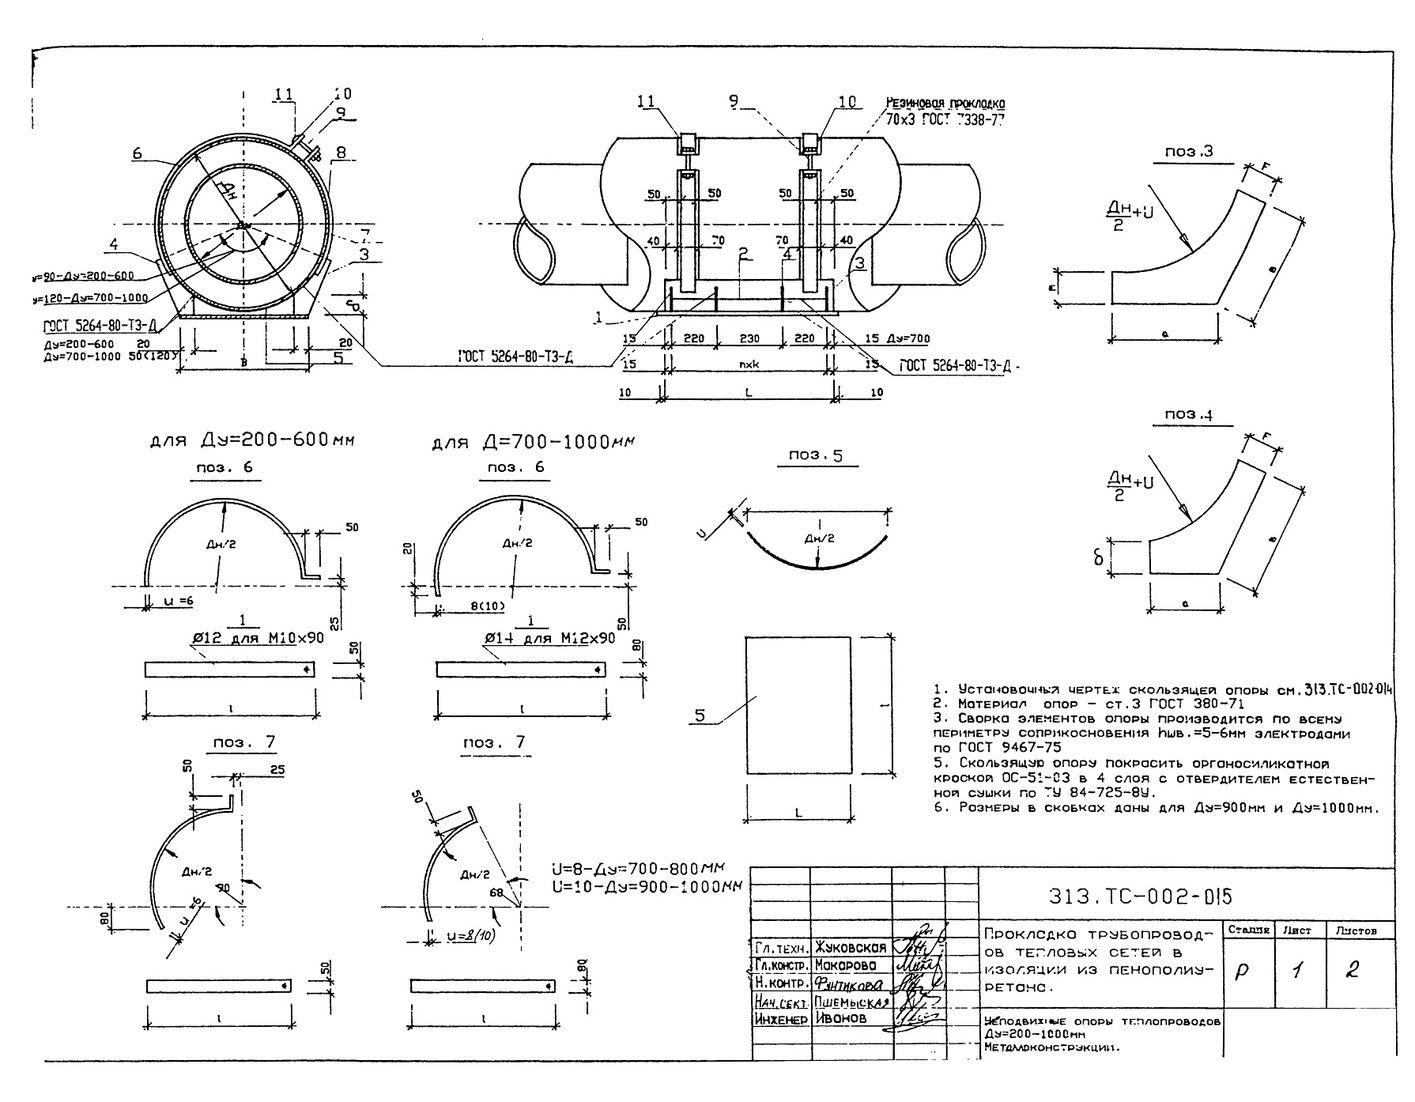 Скользящие опоры теплопроводов Ду200-1000 мм 313.ТС-002-015 стр.1